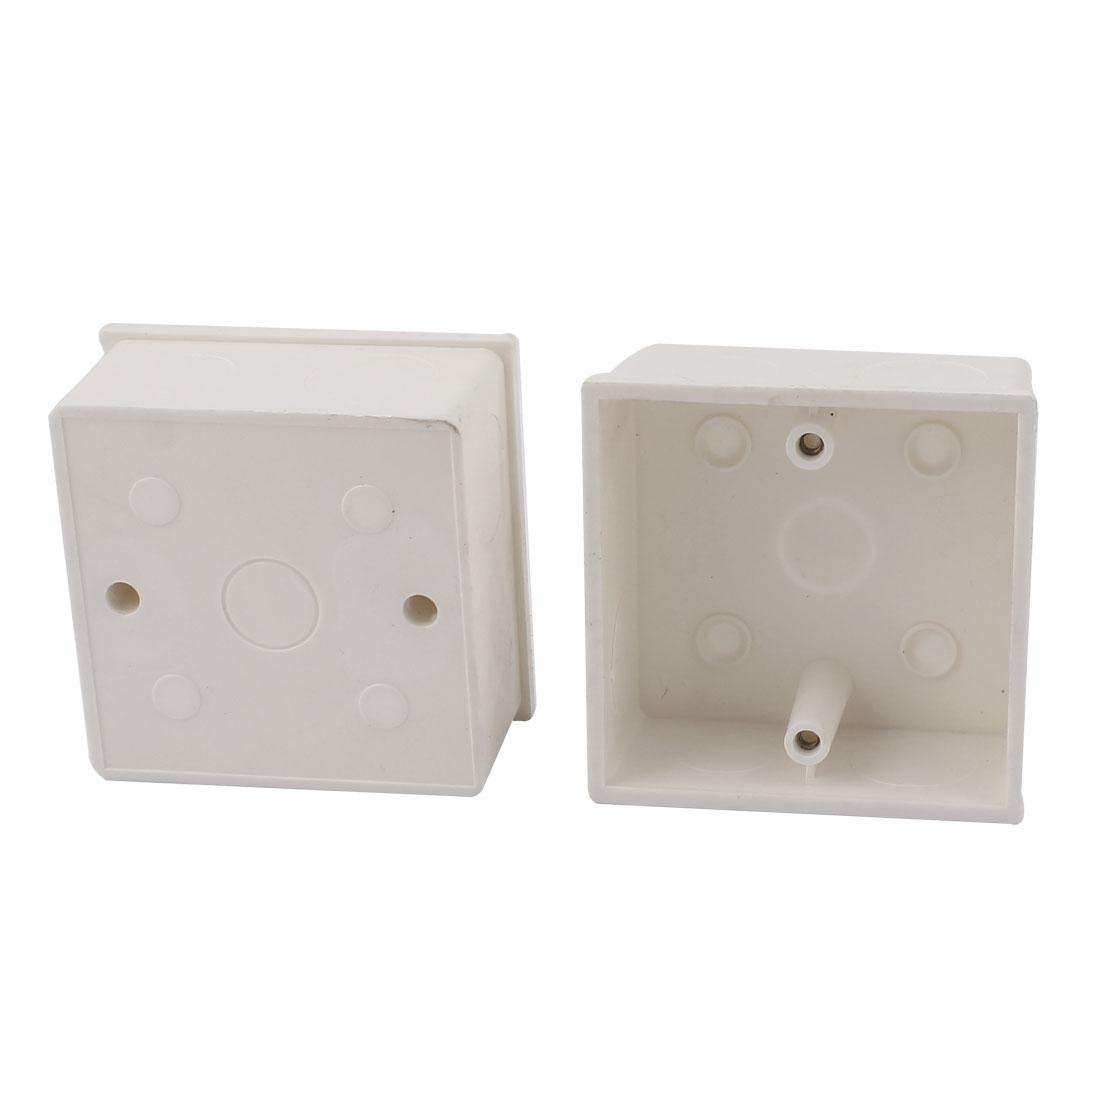 2Pcs 86mm x 86mm x 40mm Plastic Enclosure Project Junction Box Case